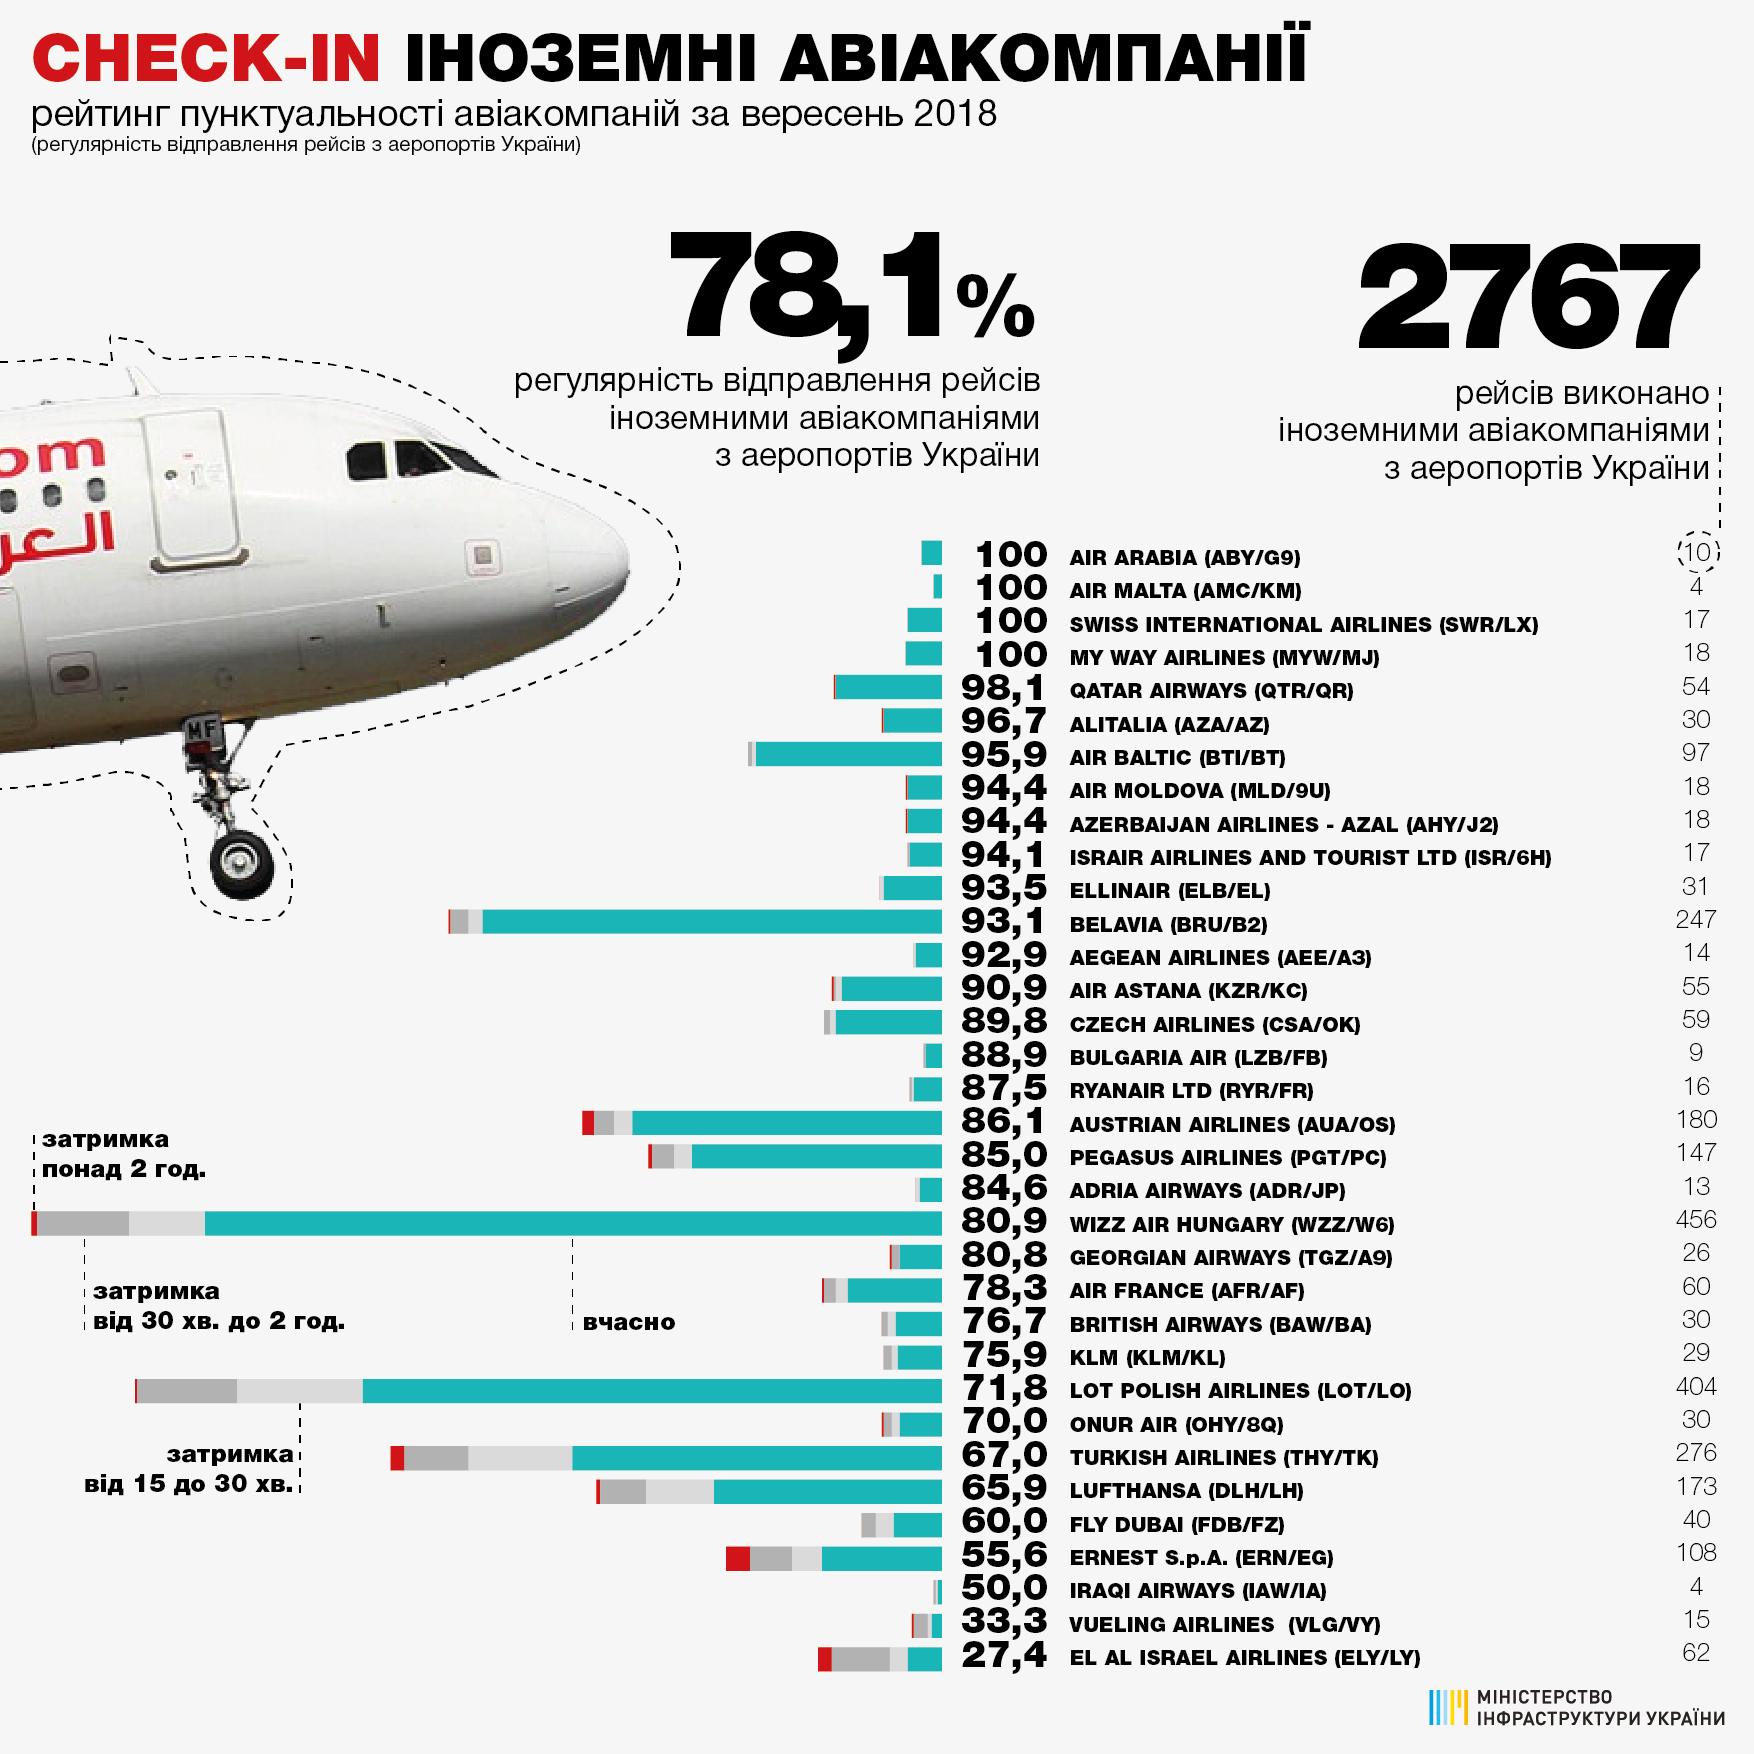 Рейтинг пунктуальности украинских авиакомпаний в сентябре2018 года